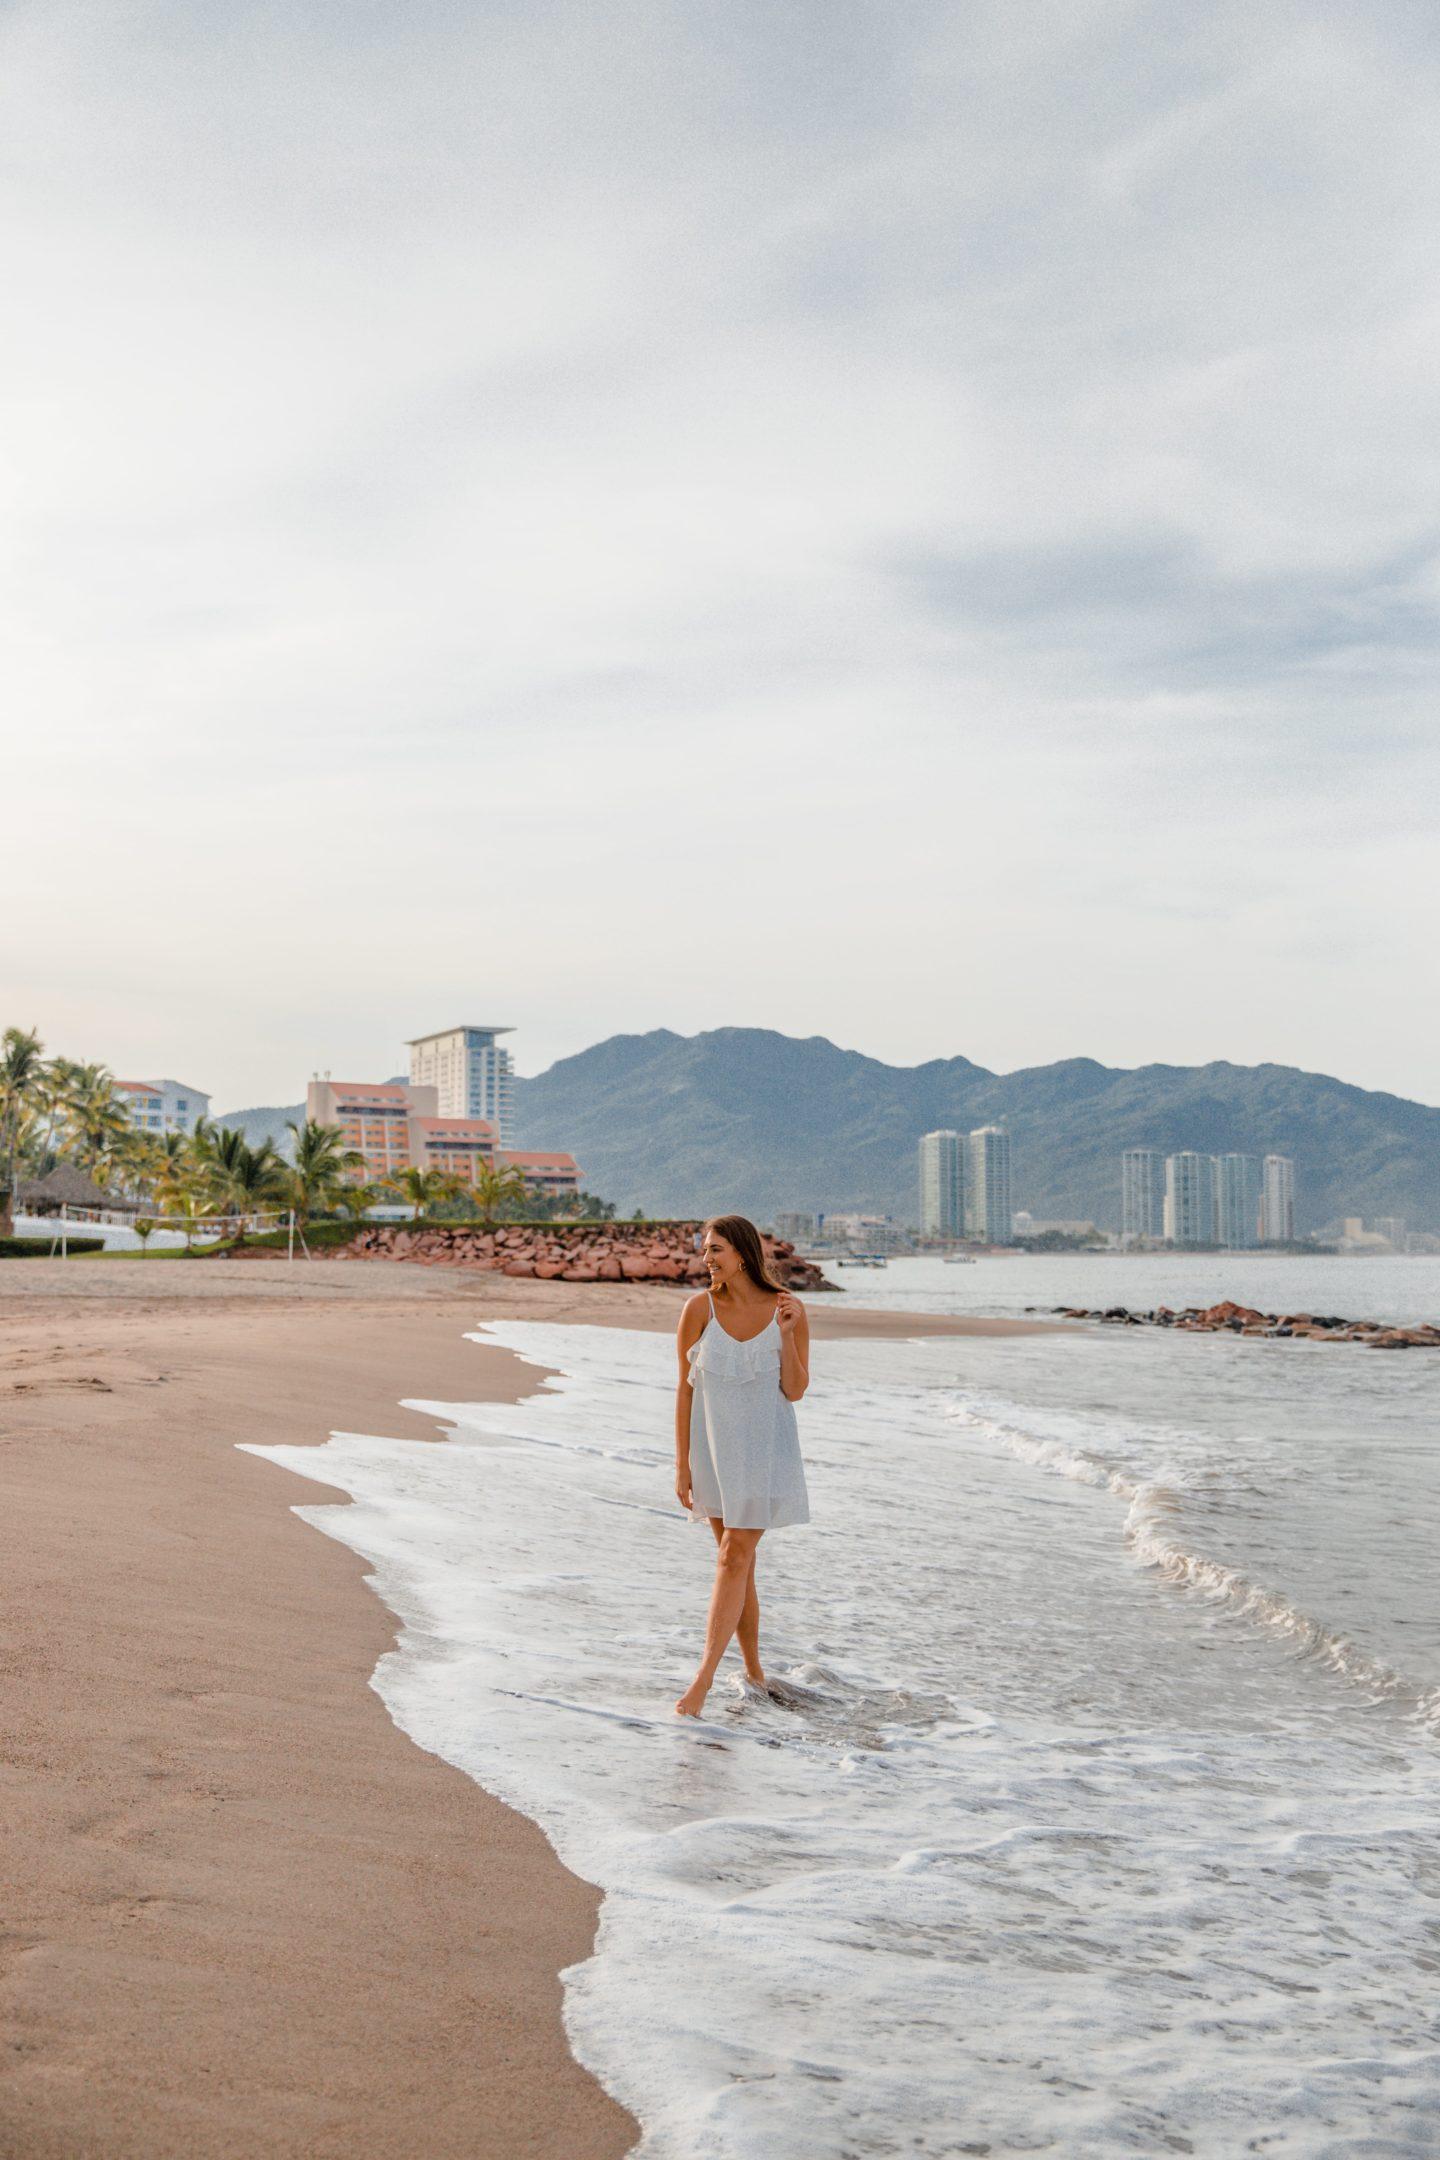 Where to Stay In Puerto Vallarta Mexico | Marriott Puerto Vallarta Hotel review - Dana Berez Travel Guide